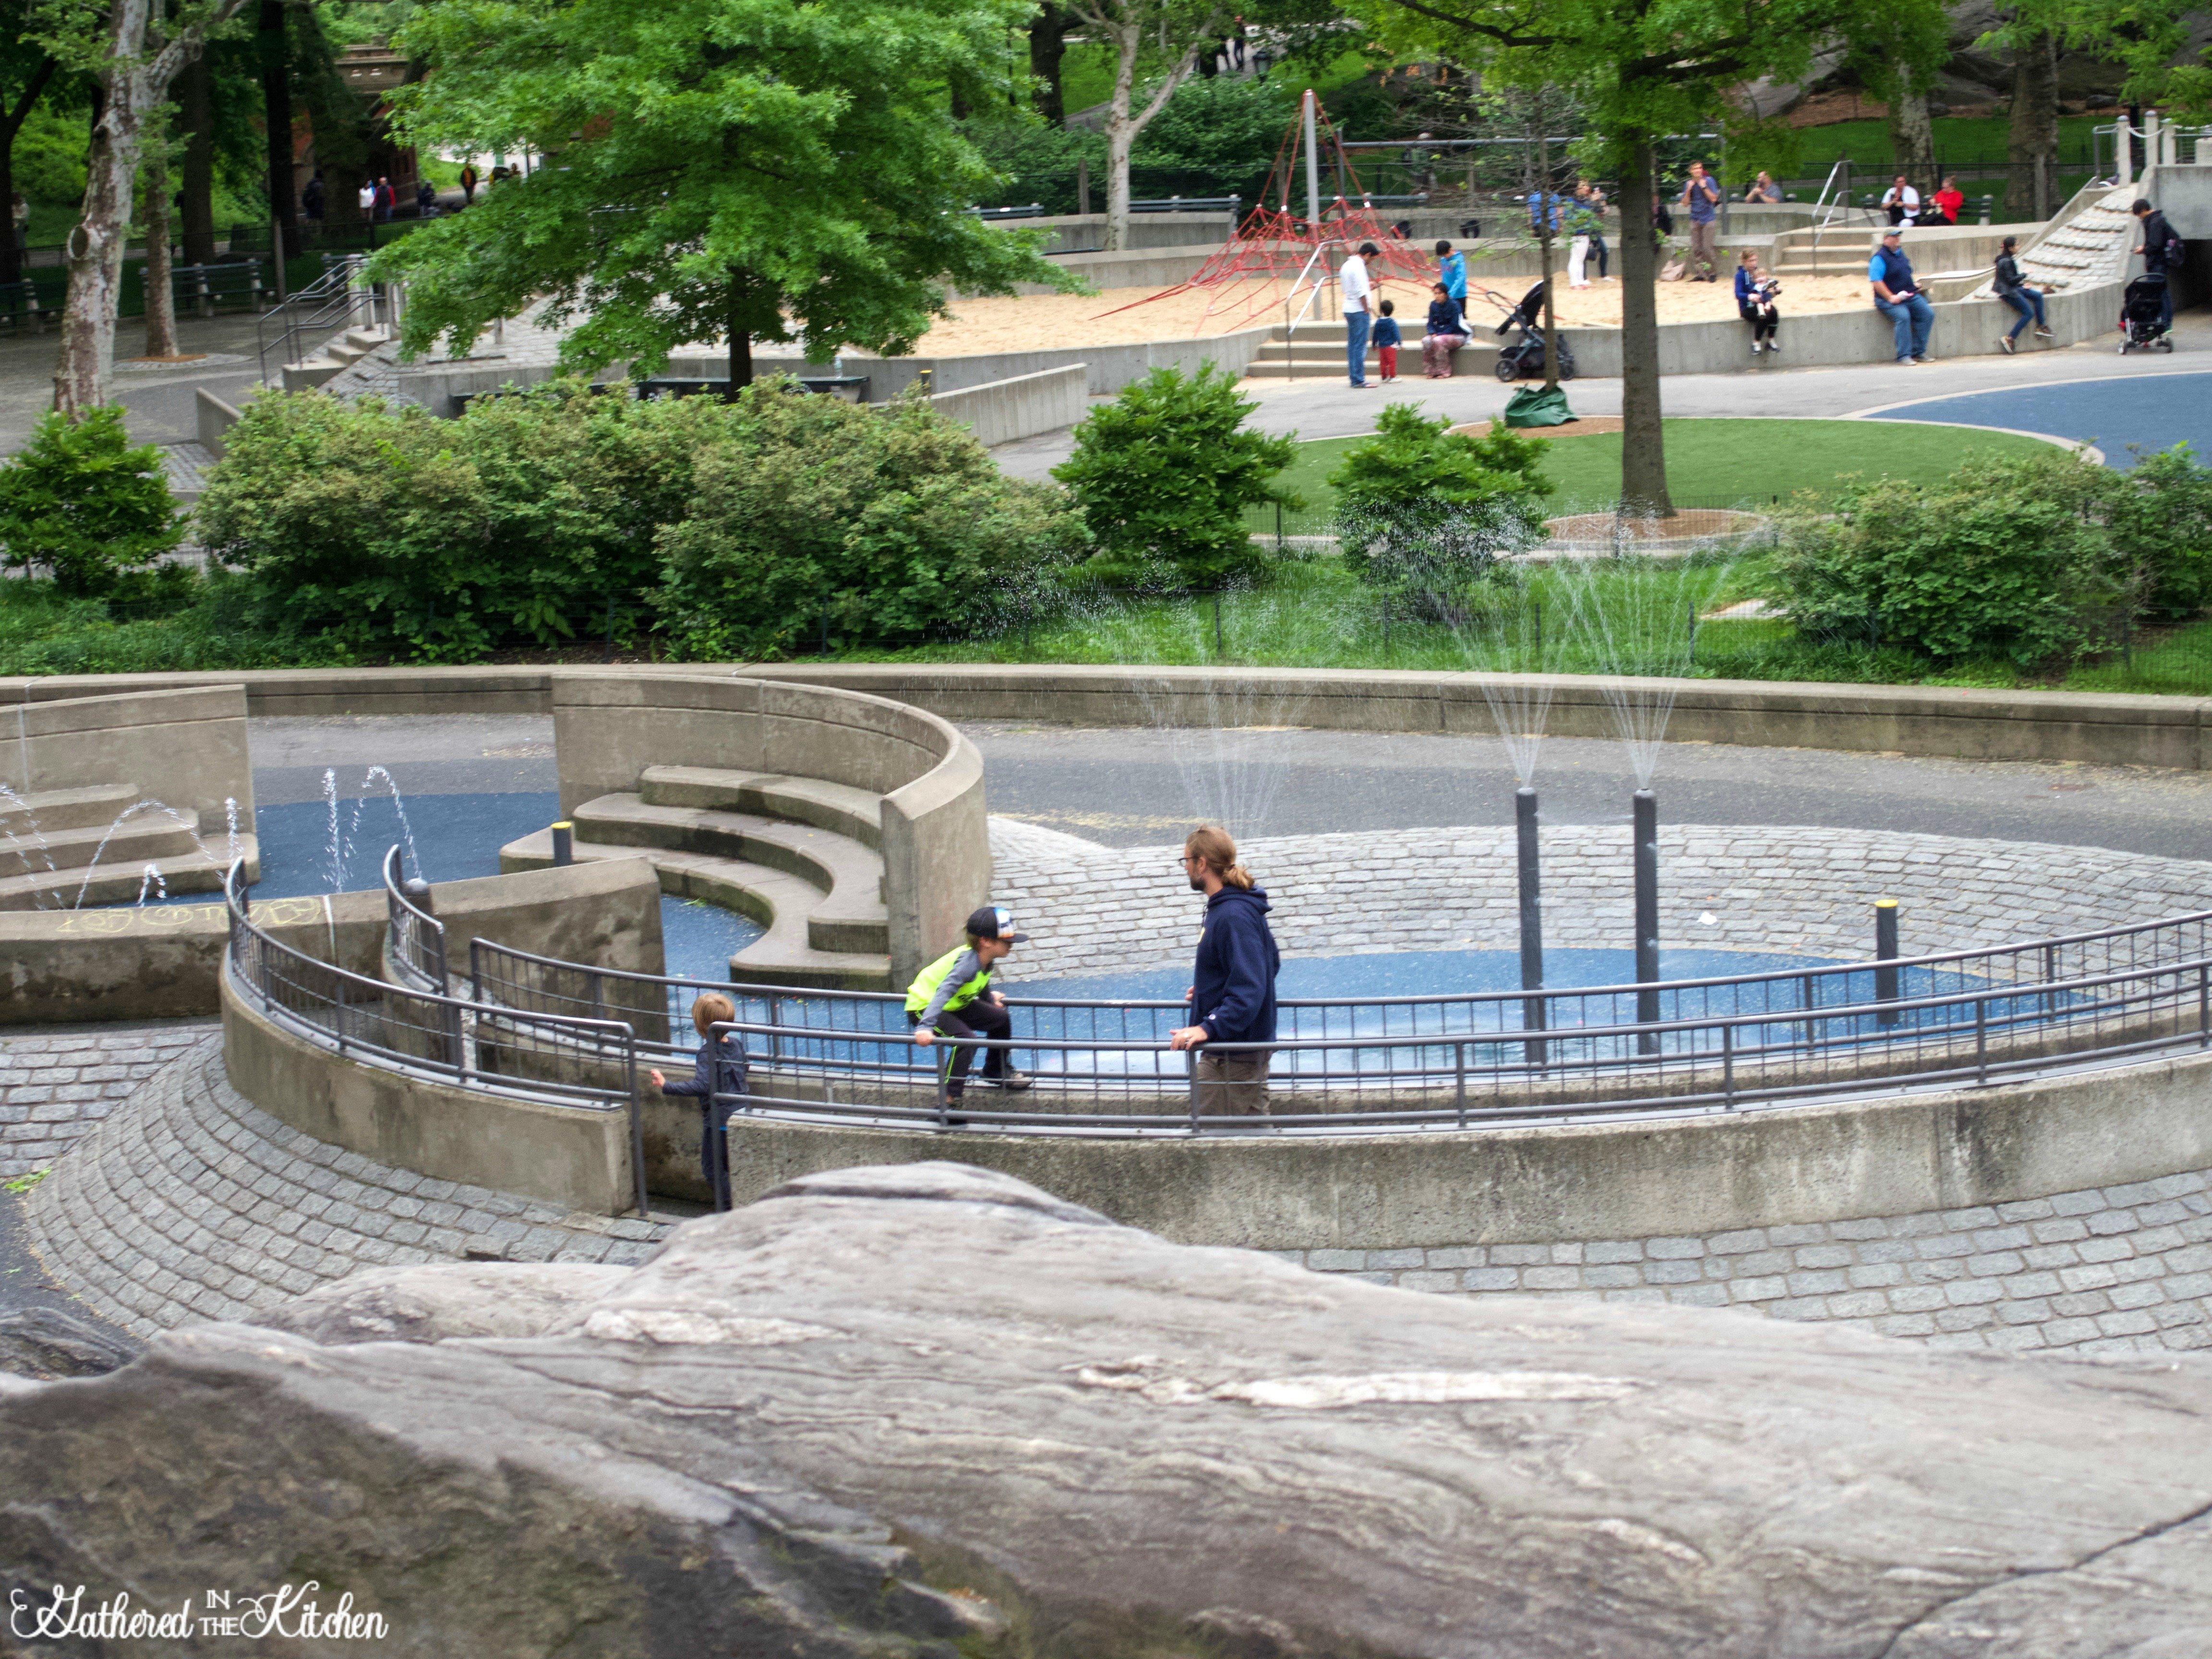 Heckscher Playground at Central Park NYC